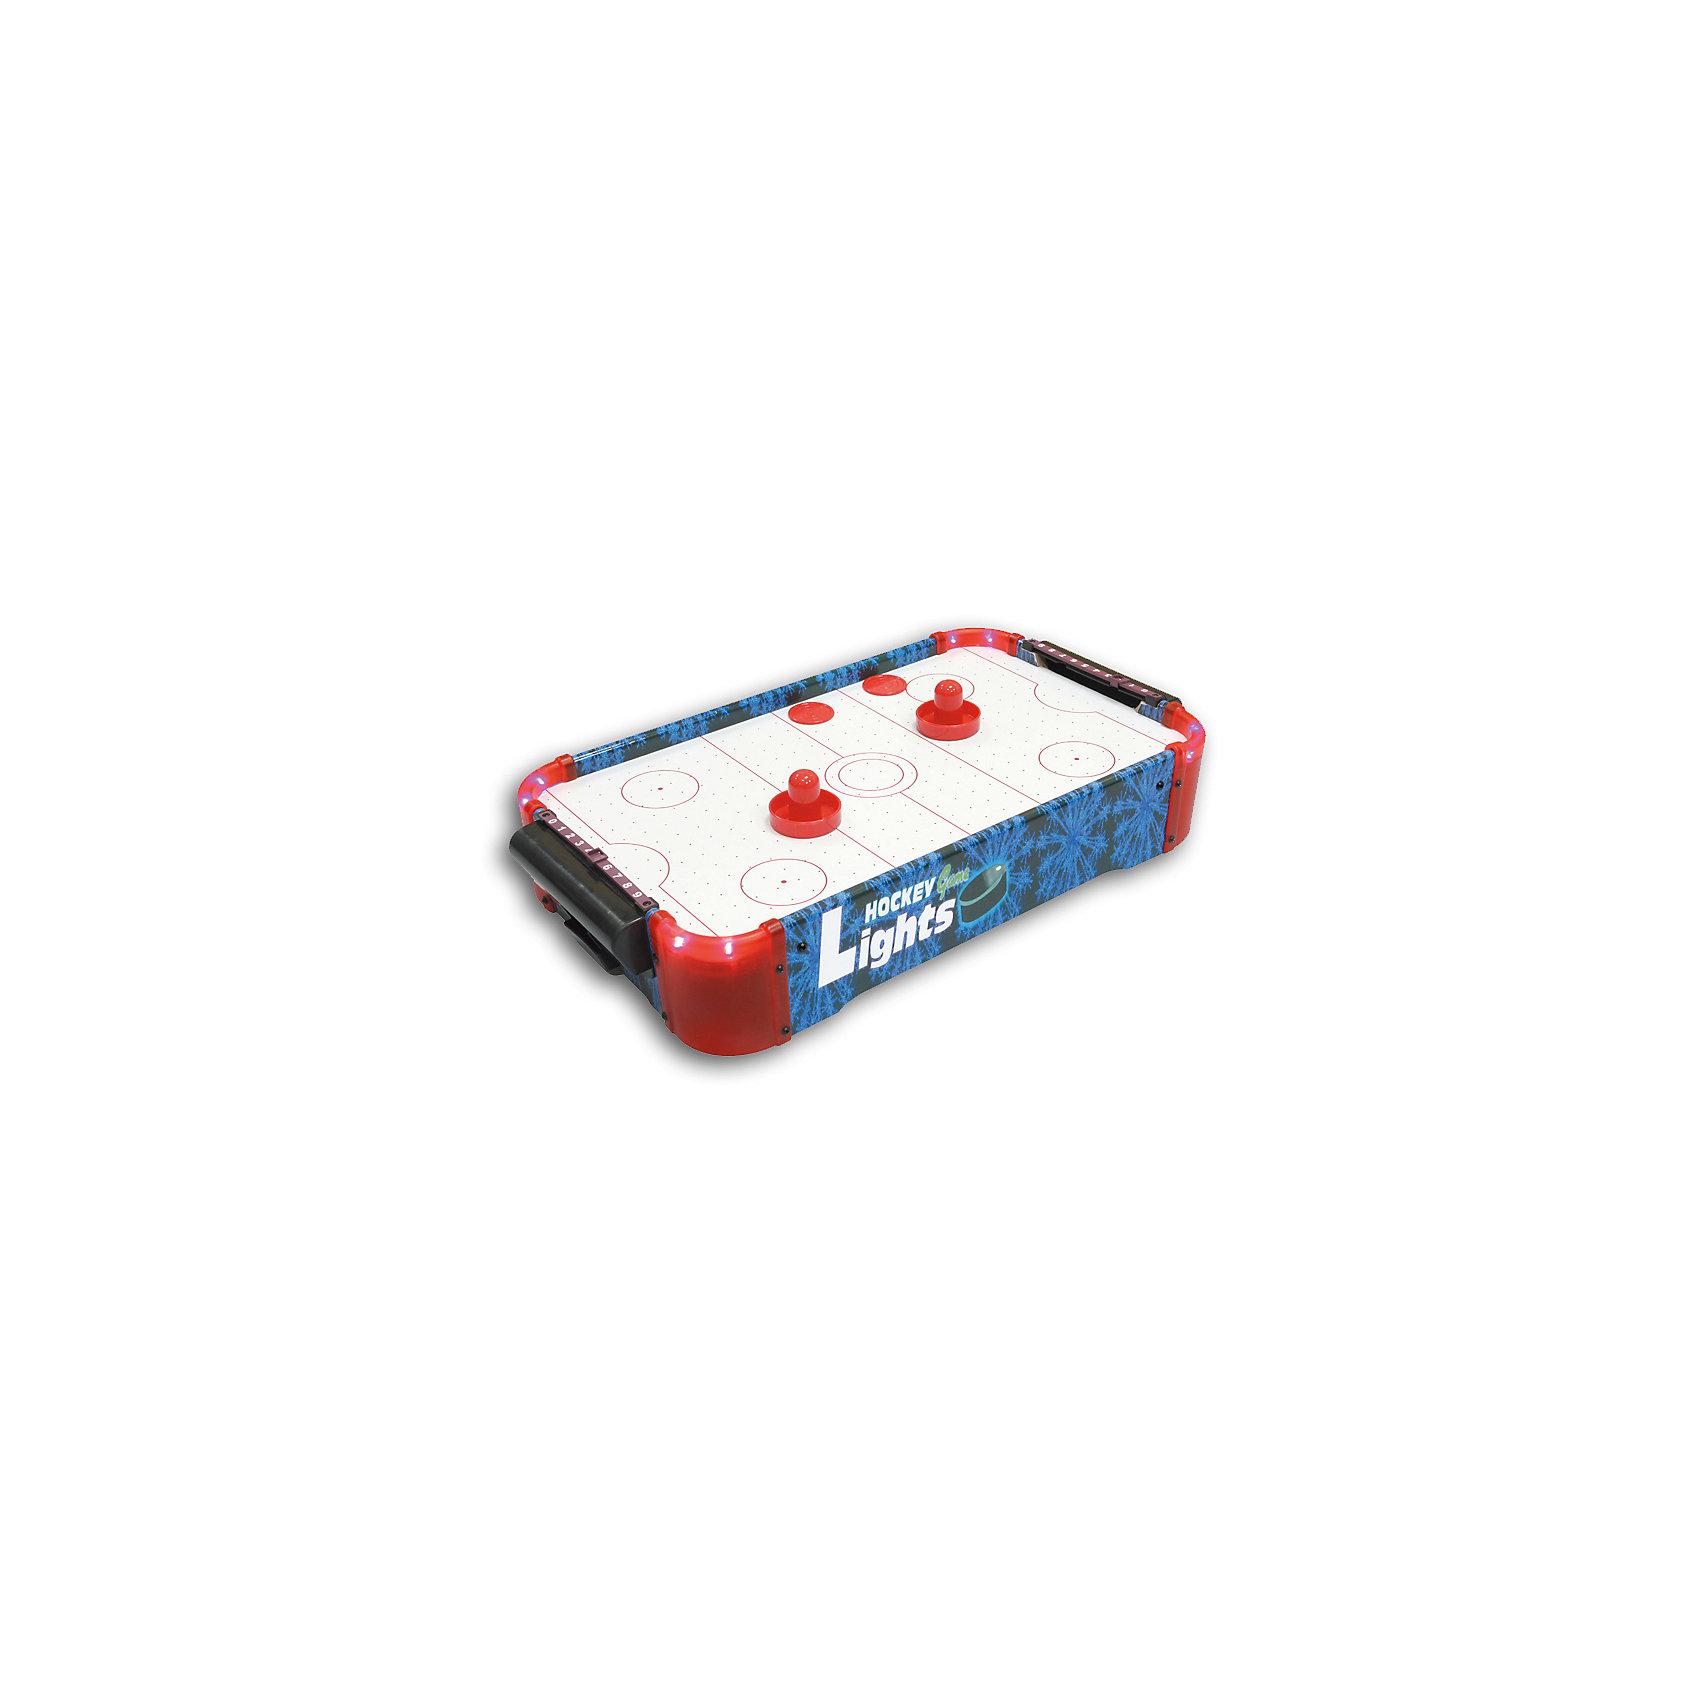 Настольная игра Аэрохоккей, со светом, ZilmerИгры для развлечений<br>Характеристики товара:<br><br>• материал: пластик<br>• размер поля: 50x30x10 см<br>• комплектация: поле, 2 биты, 2 шайбы, 2 счетчика очков, правила, инструкция<br>• настольная<br>• возраст: от 3 лет<br>• яркая LED-подсветка<br>• страна производства: Китай<br><br>Настольная игра Аэрохоккей - это отличный способ помочь развитию ребенка. Она способствует скорейшему развитию пространственного мышления, логики, аналитических способностей, ловкости и упорства. Помимо этого, играть в неё - очень увлекательное занятие!<br><br>Цель в том, чтобы забить сопернику гол с помощью шайбы и бит. Для этого нужно внимательно следить за действиями соперника и быстро реагировать. Отличный способ весело провести время с друзьями!<br><br>Настольную игру Аэрохоккей, со светом, от бренда Zilmer можно купить в нашем интернет-магазине.<br><br>Ширина мм: 515<br>Глубина мм: 315<br>Высота мм: 103<br>Вес г: 2100<br>Возраст от месяцев: 36<br>Возраст до месяцев: 72<br>Пол: Мужской<br>Возраст: Детский<br>SKU: 5471152